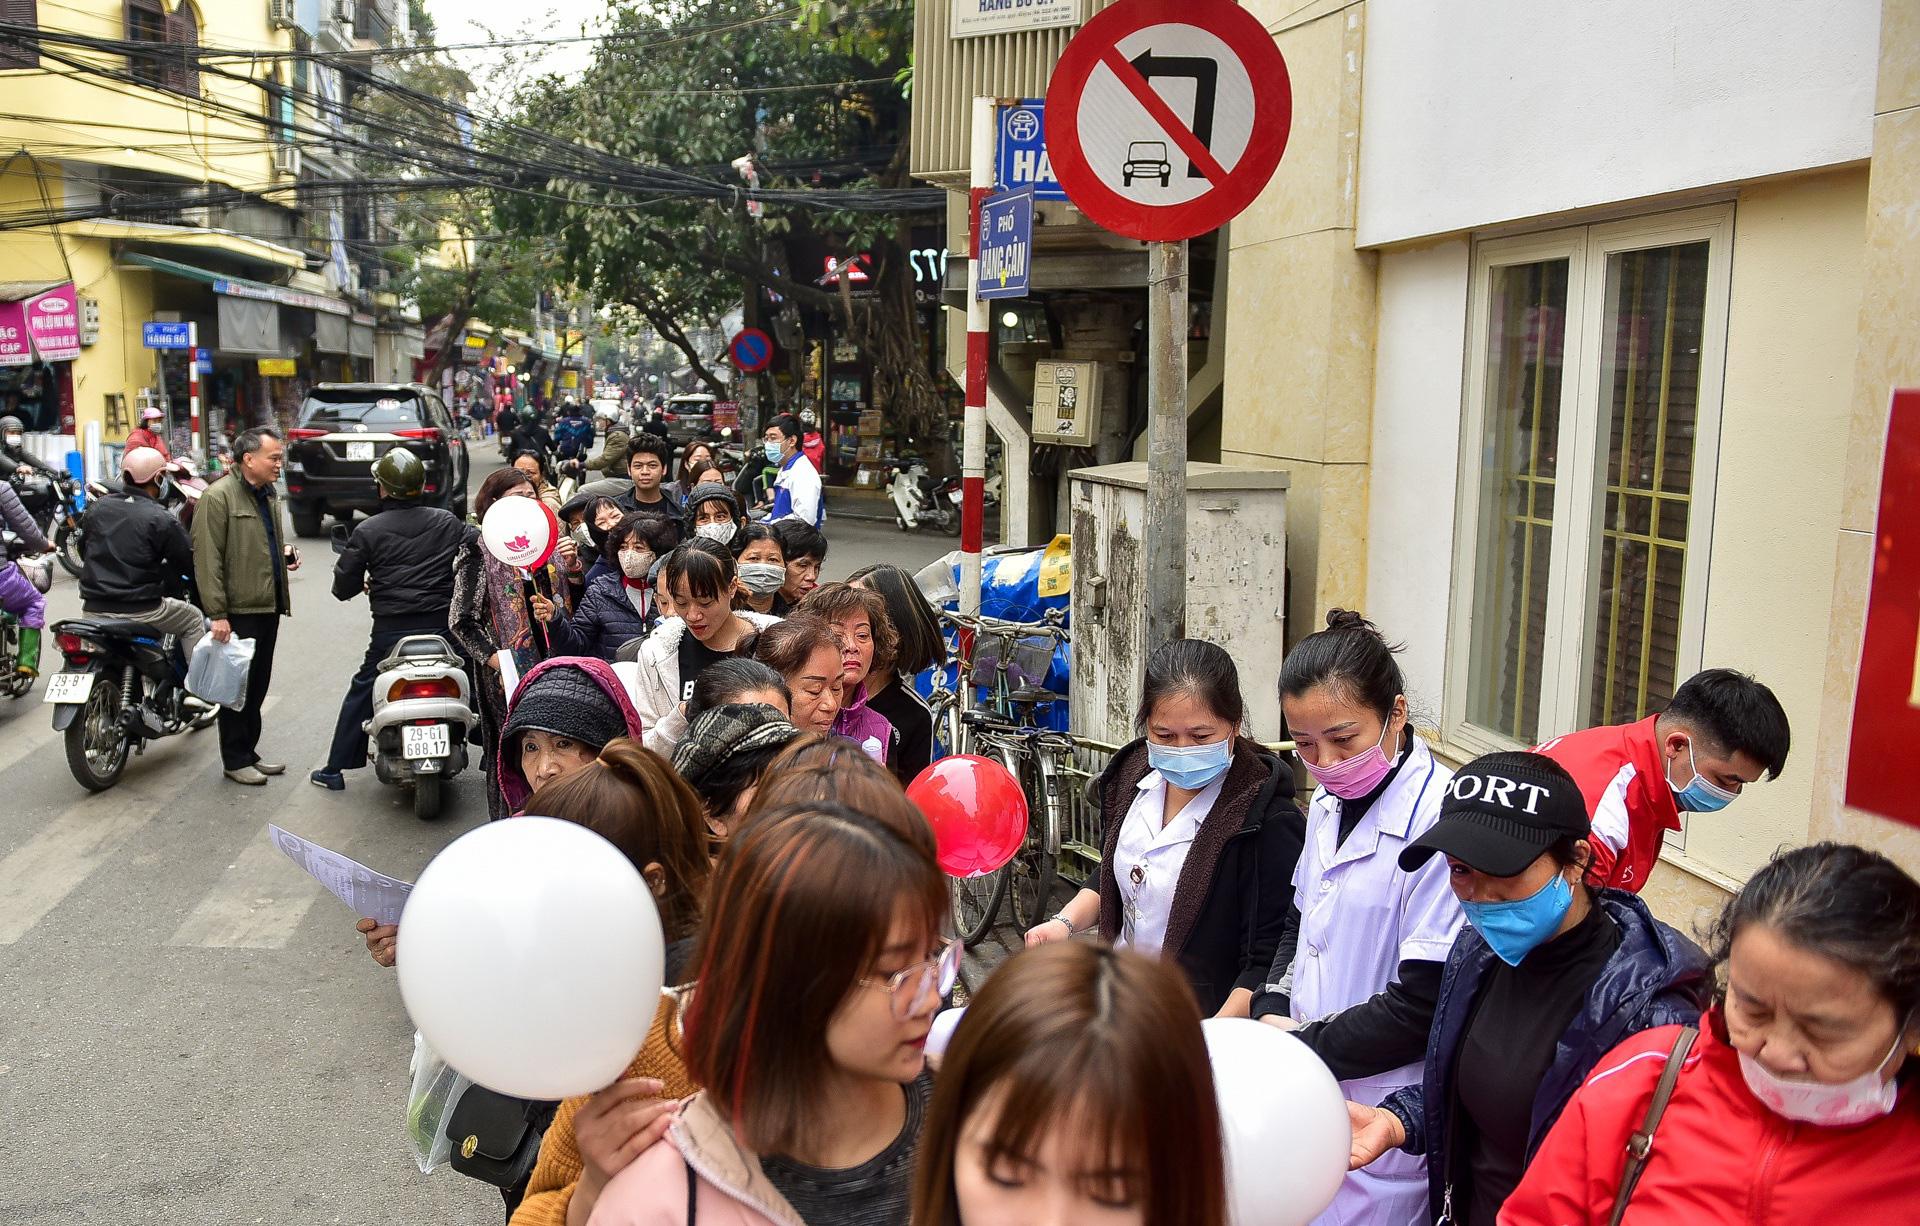 Hà Nội: Người dân xếp hàng dài nhận nước rửa tay miễn phí - Ảnh 5.